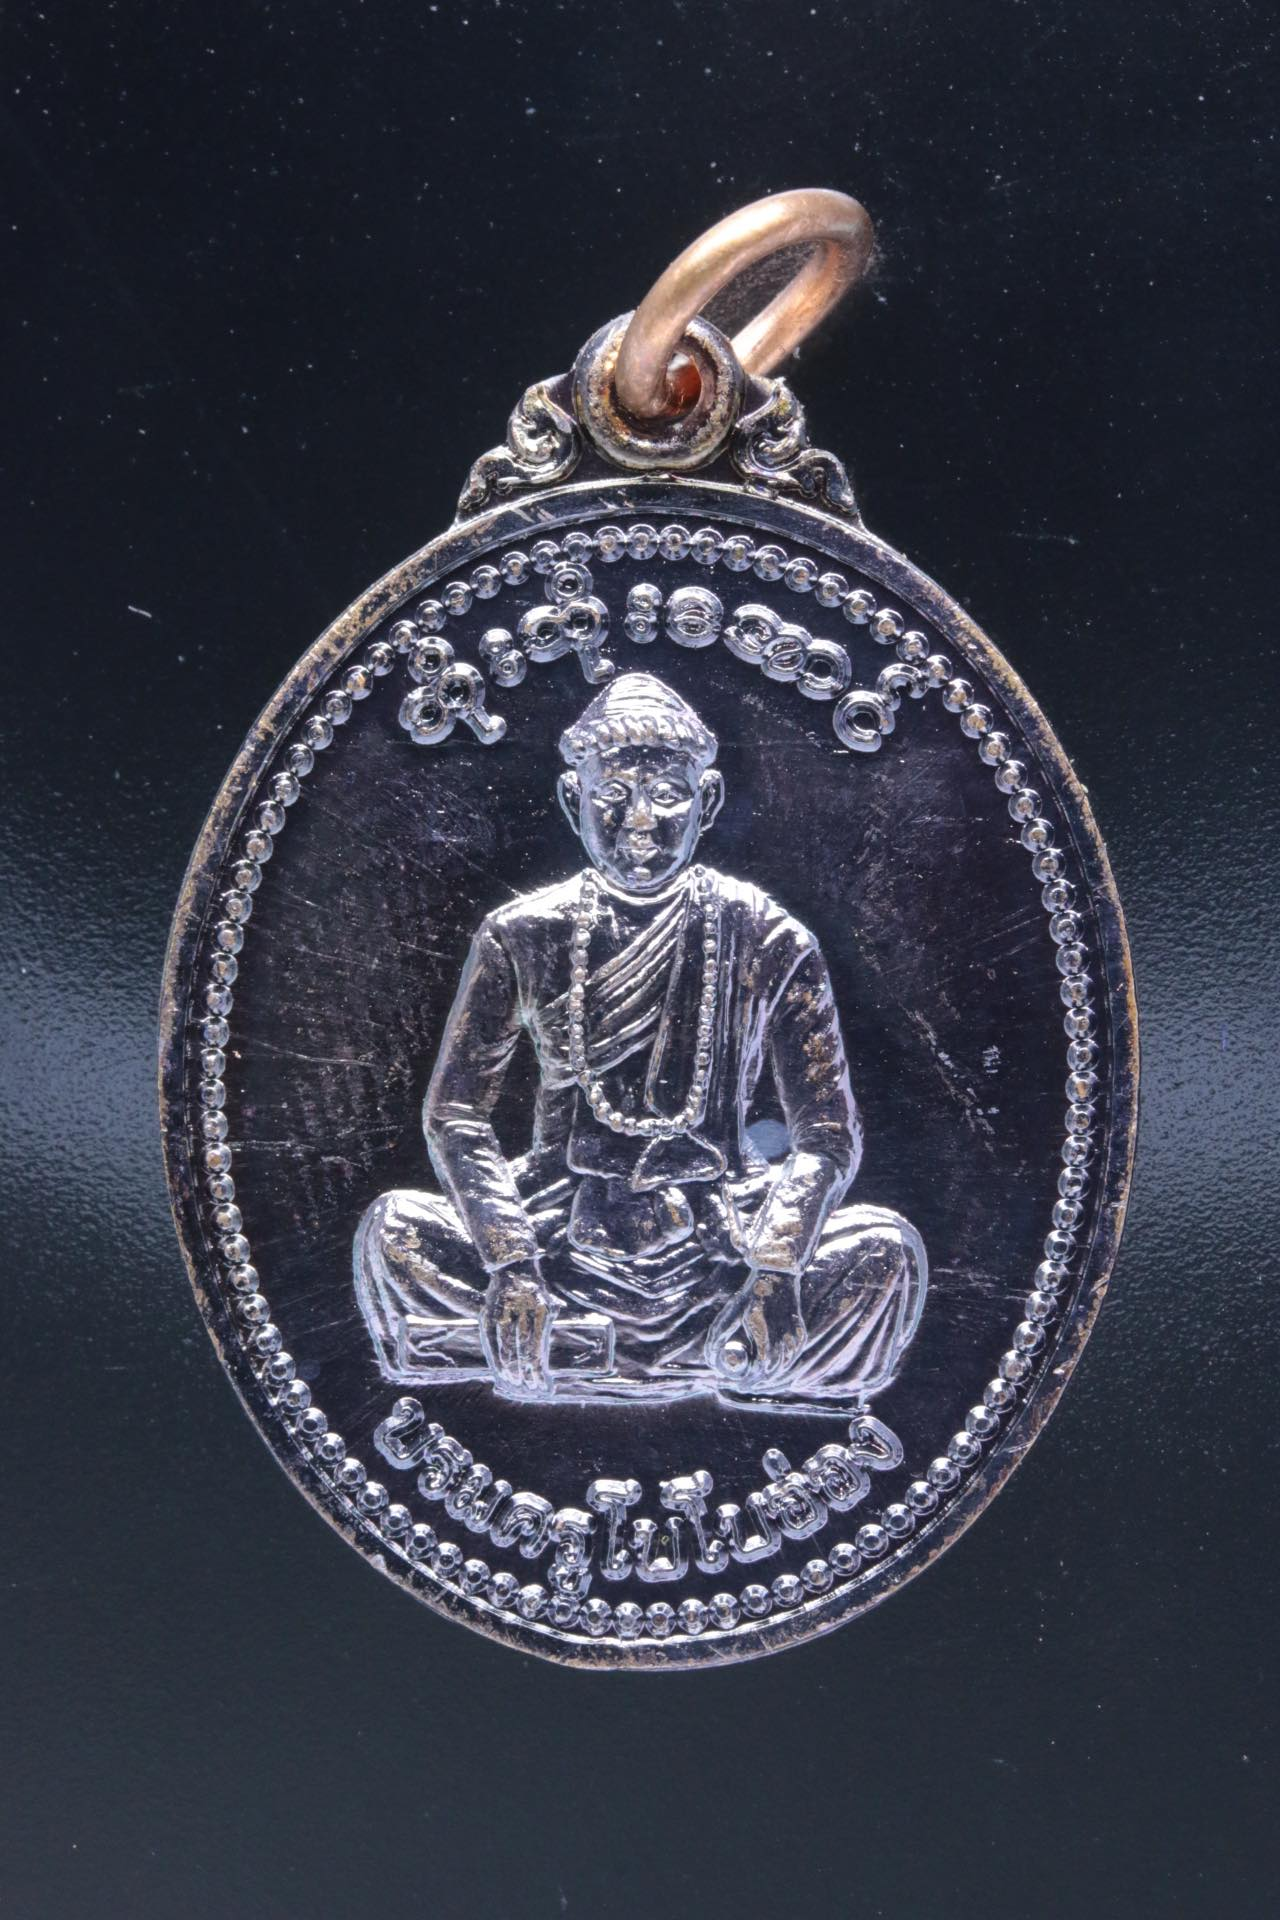 เหรียญบรมครูโบโบอ่อง เนื้อทองแดง รมมันปู ( ก่อนตัดขอบ )